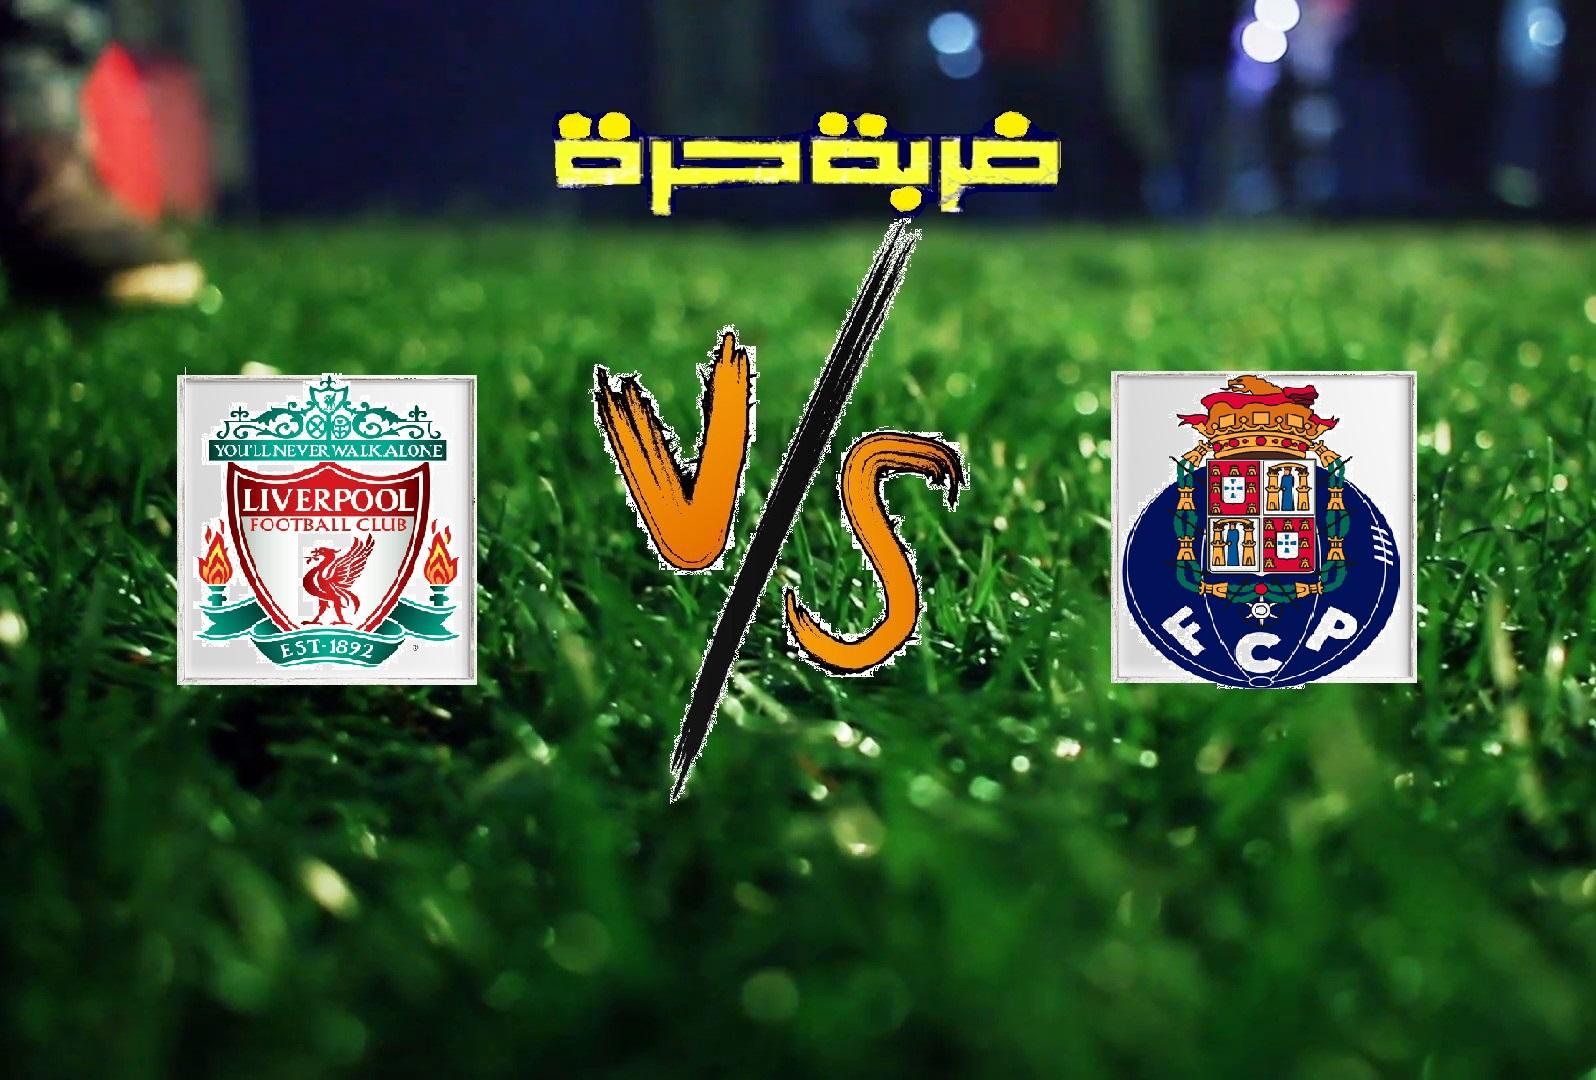 ليفربول يفوز على بورتو برباعية مقابل هدف في ربع نهائي دوري أبطال أوروبا